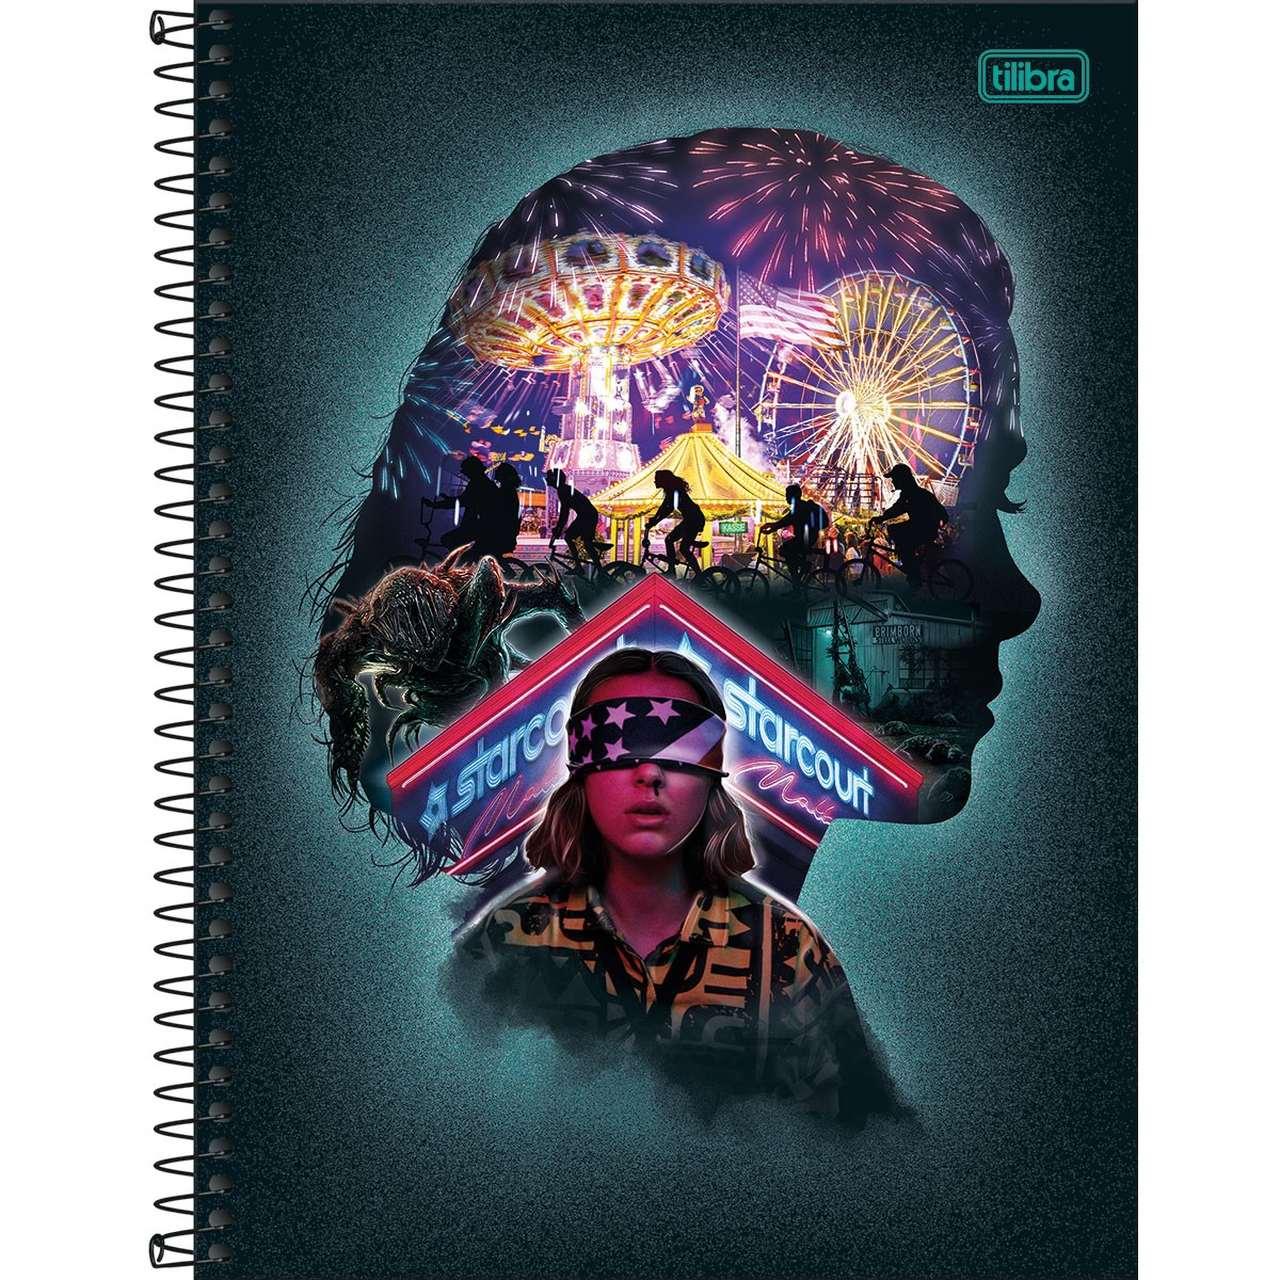 Caderno Espiral Capa Dura Universitário 10 Matérias Stranger Things Eleven 160 Folhas